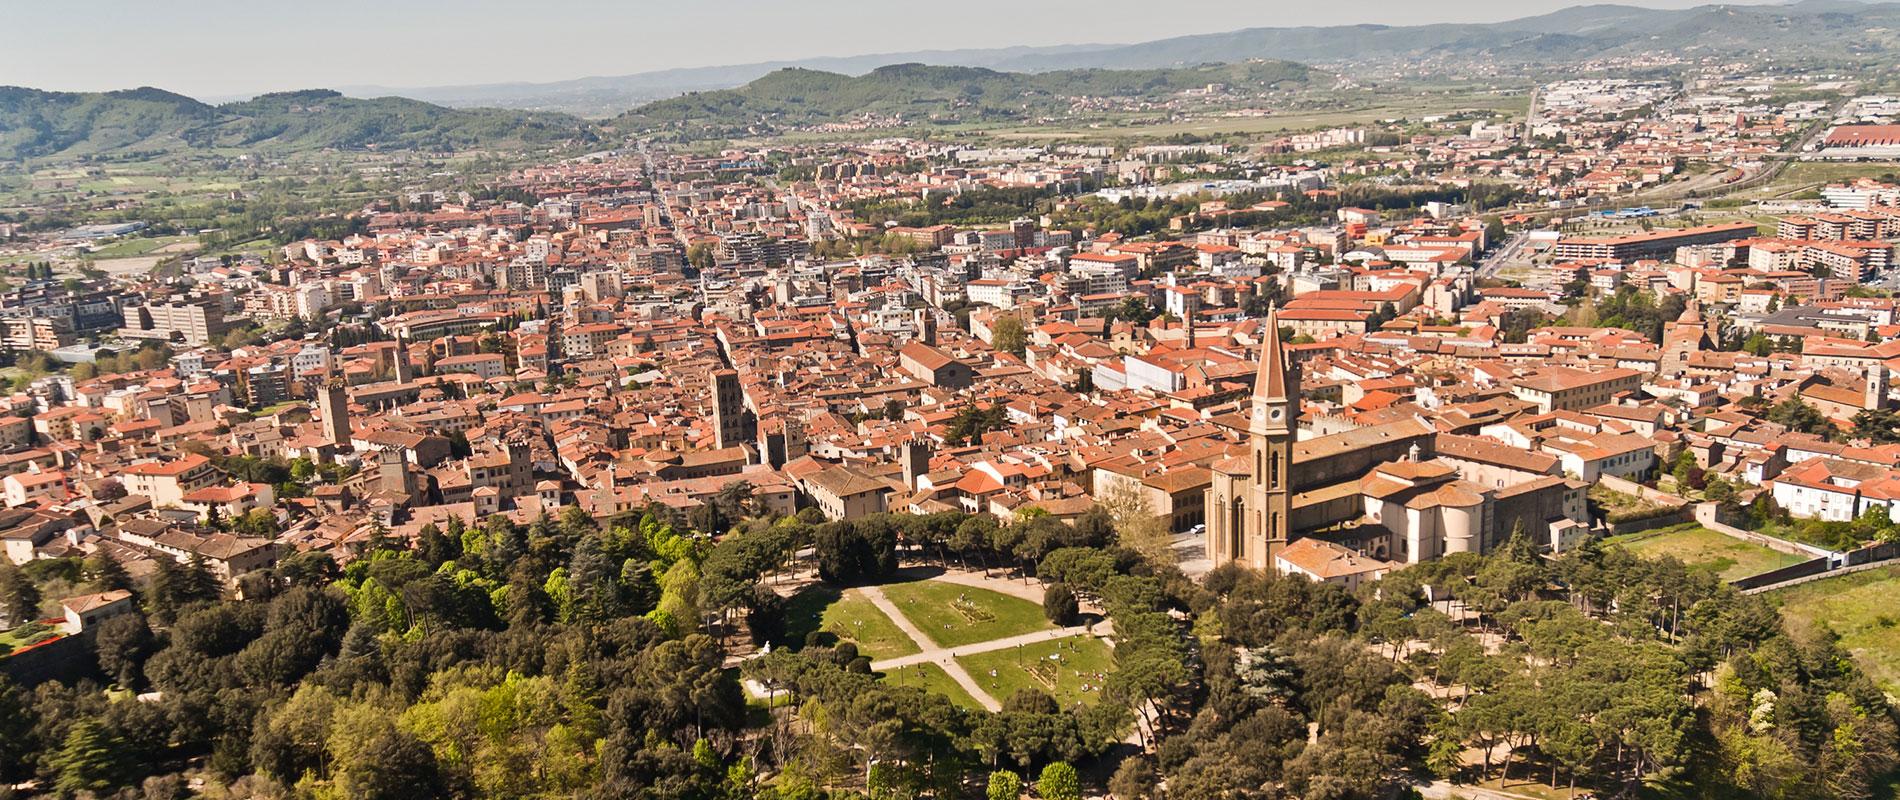 Agenzie Immobiliari Arezzo immobiliare fiorucci arezzo - immobili in vendita e affitto